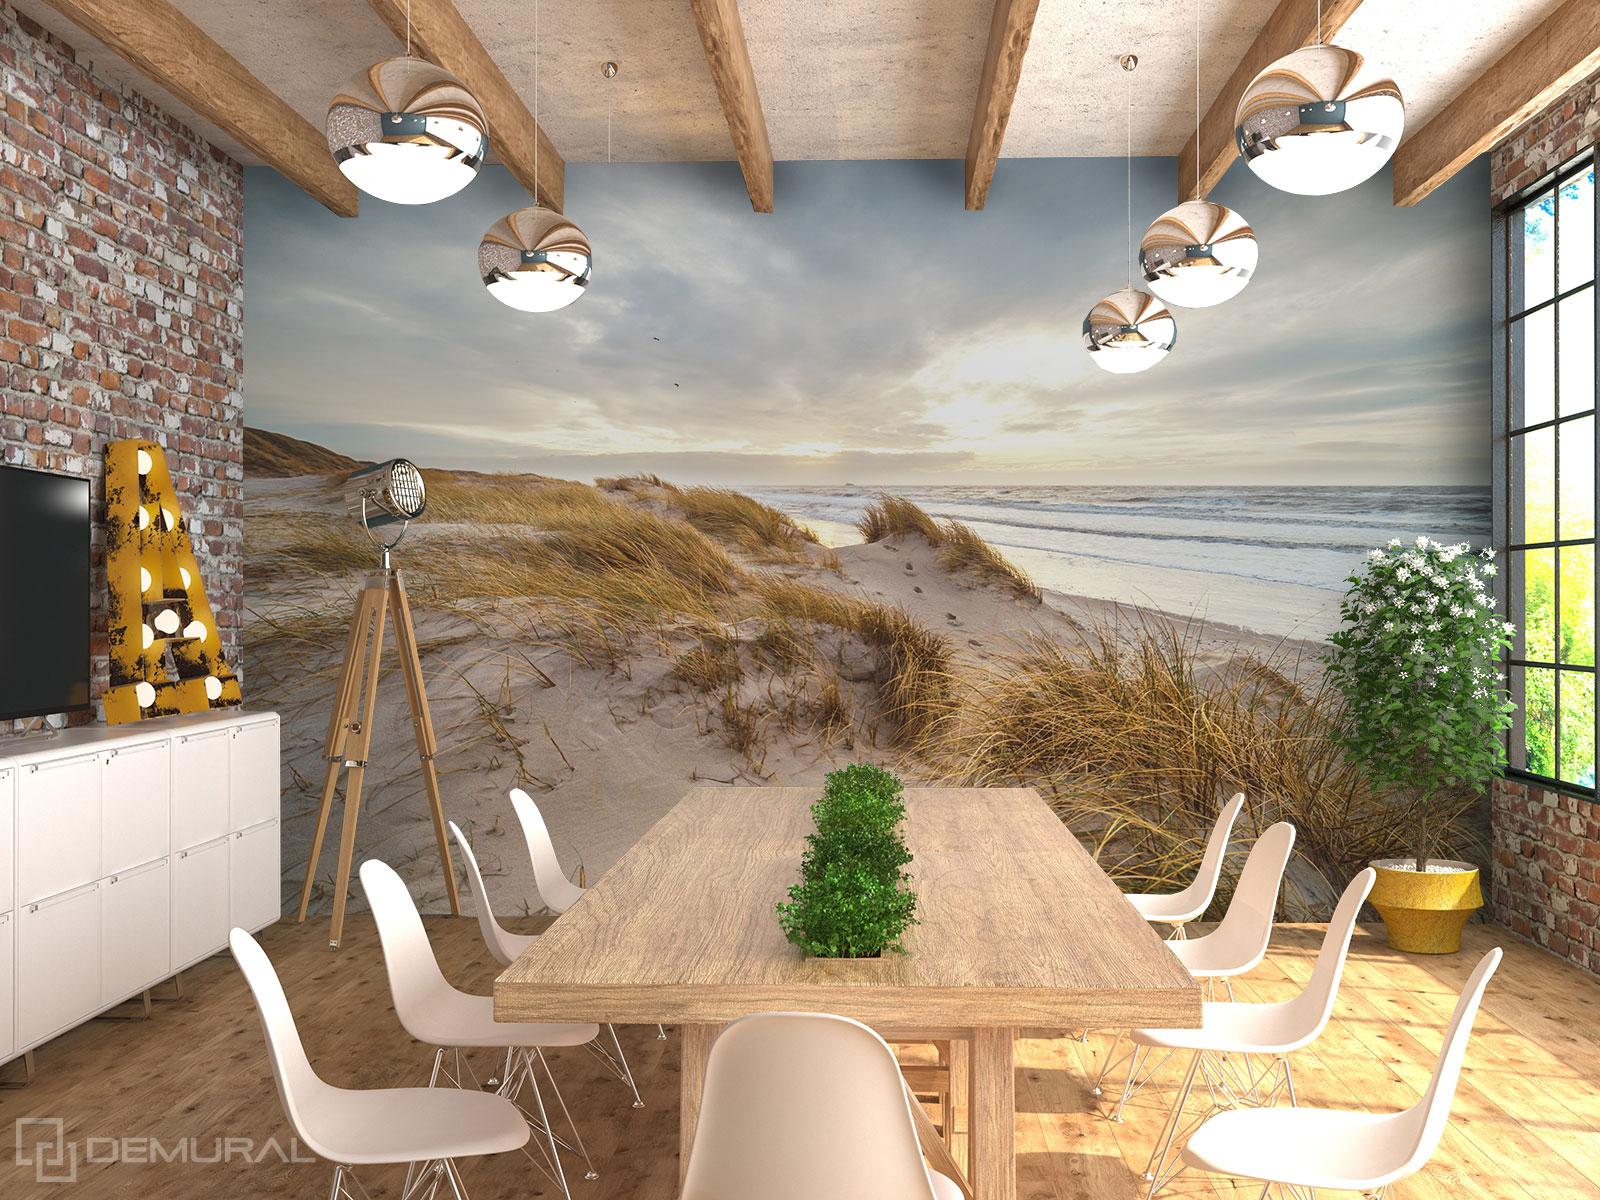 Fototapete Stilvolle Dünen - Meeresfototapete für Büro - Demural